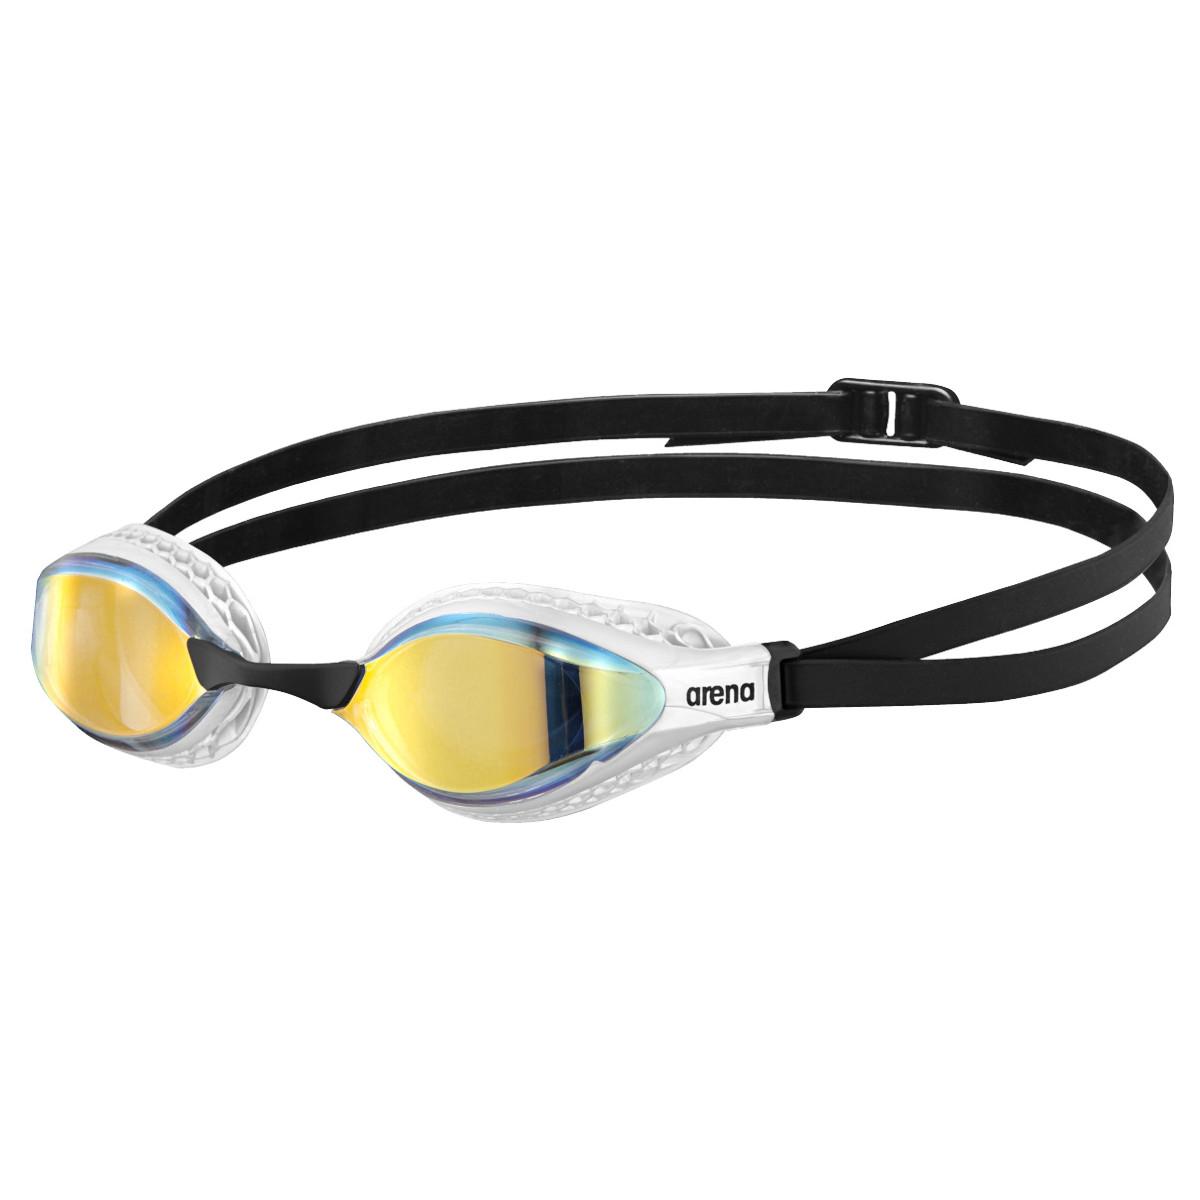 arena Airspeed Mirror Yellow Copper/White Gafas de natación